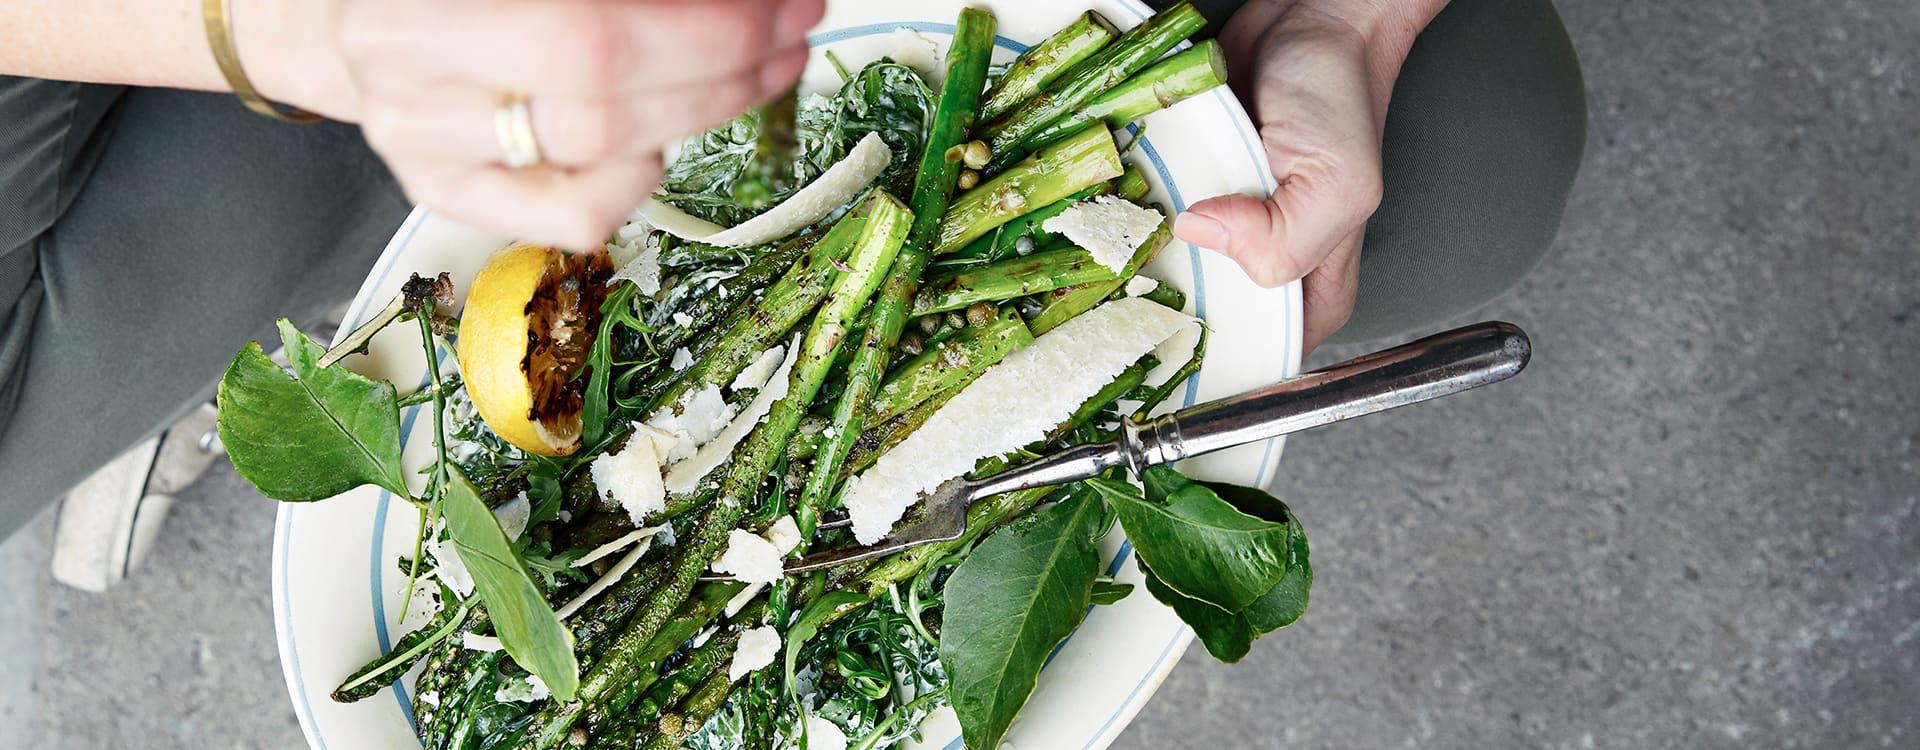 Grillet asparges med parmesan og kapers